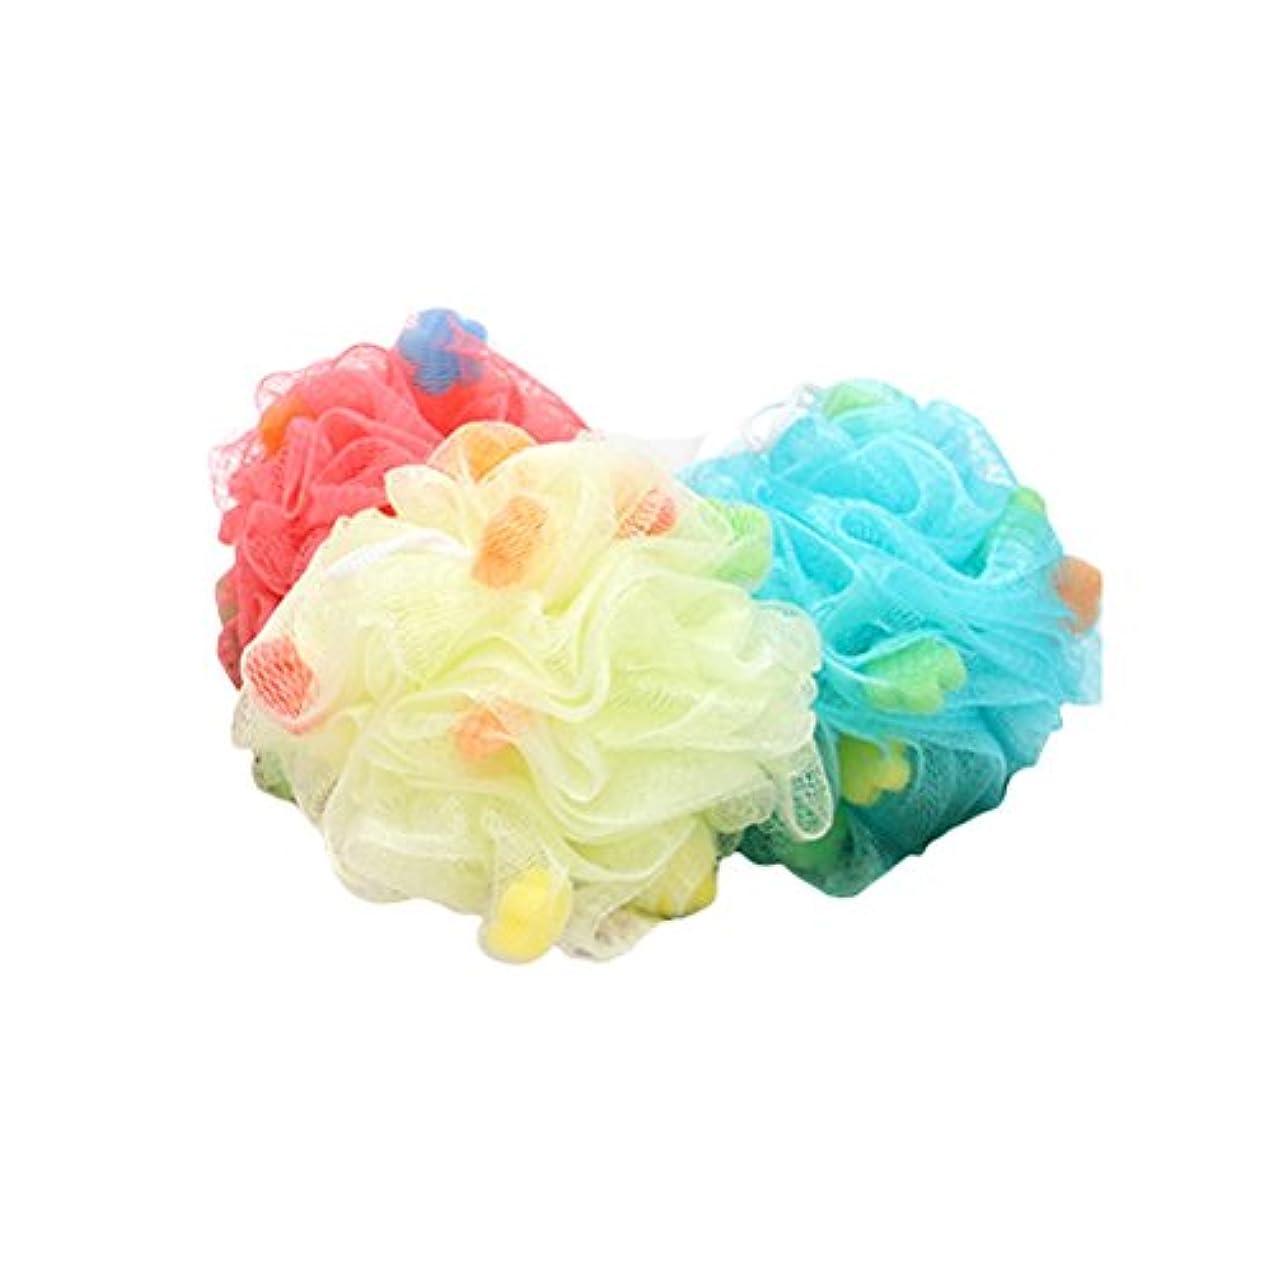 チャールズキージングうまれた次Healifty ボディースポンジ 泡立てネット フラワーボール シャワー用 バス用品 背中も洗える メッシュ ボディ洗い 泡肌美人(ランダム色)3個